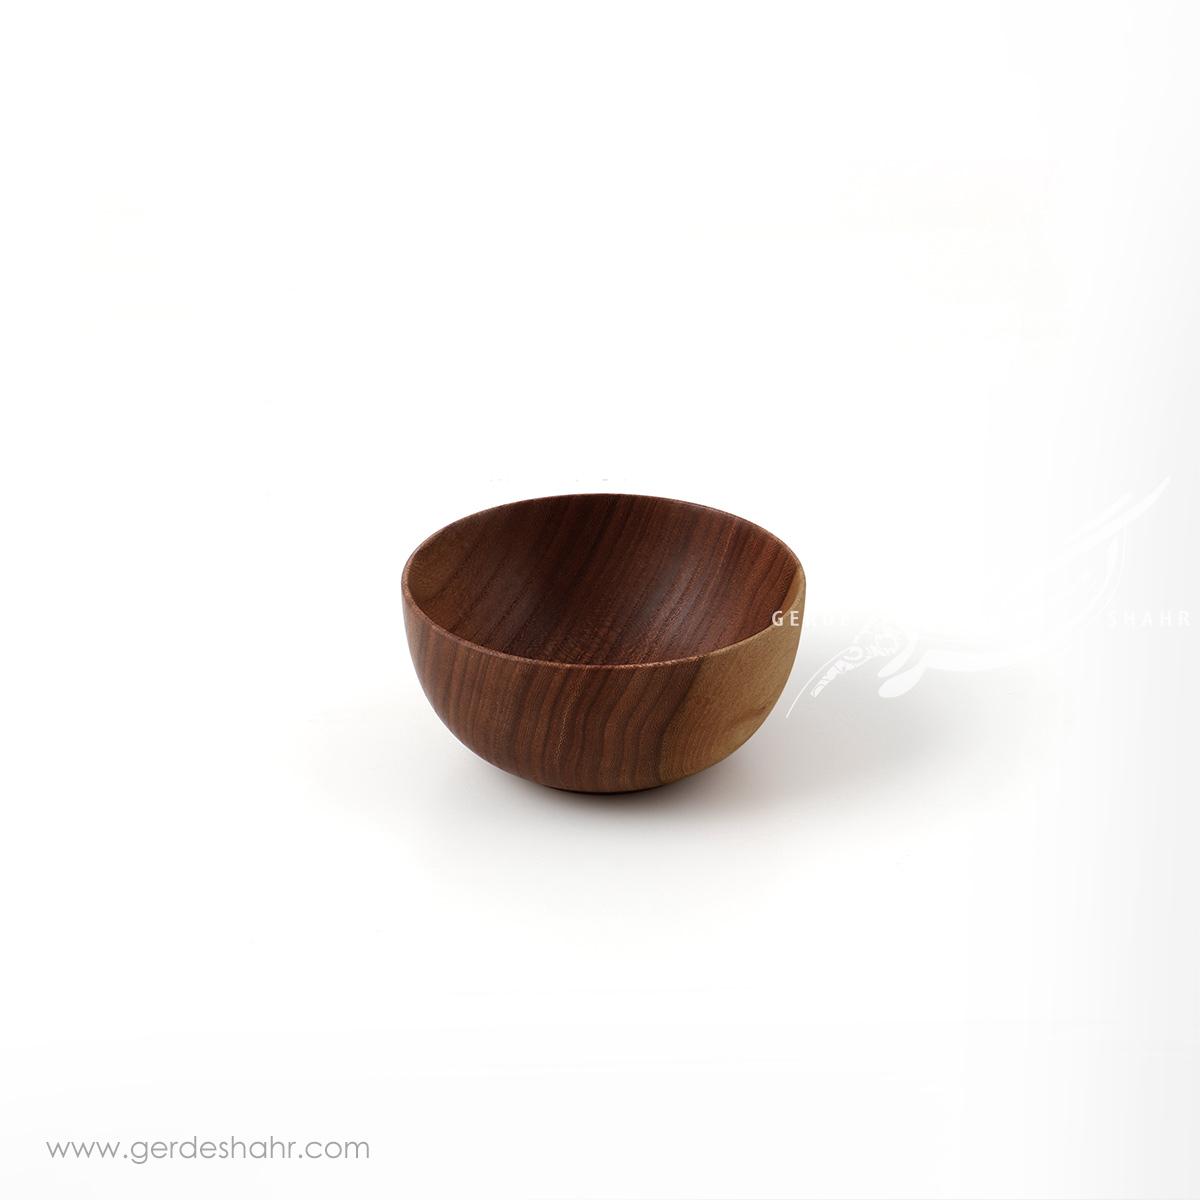 کاسه چوبی یک ناروند